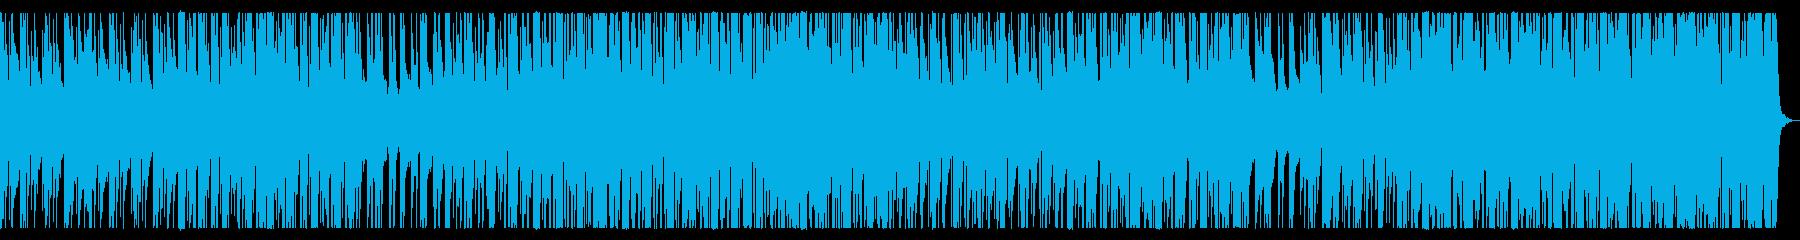 ピアノ/シンプル/R&B_No443の再生済みの波形